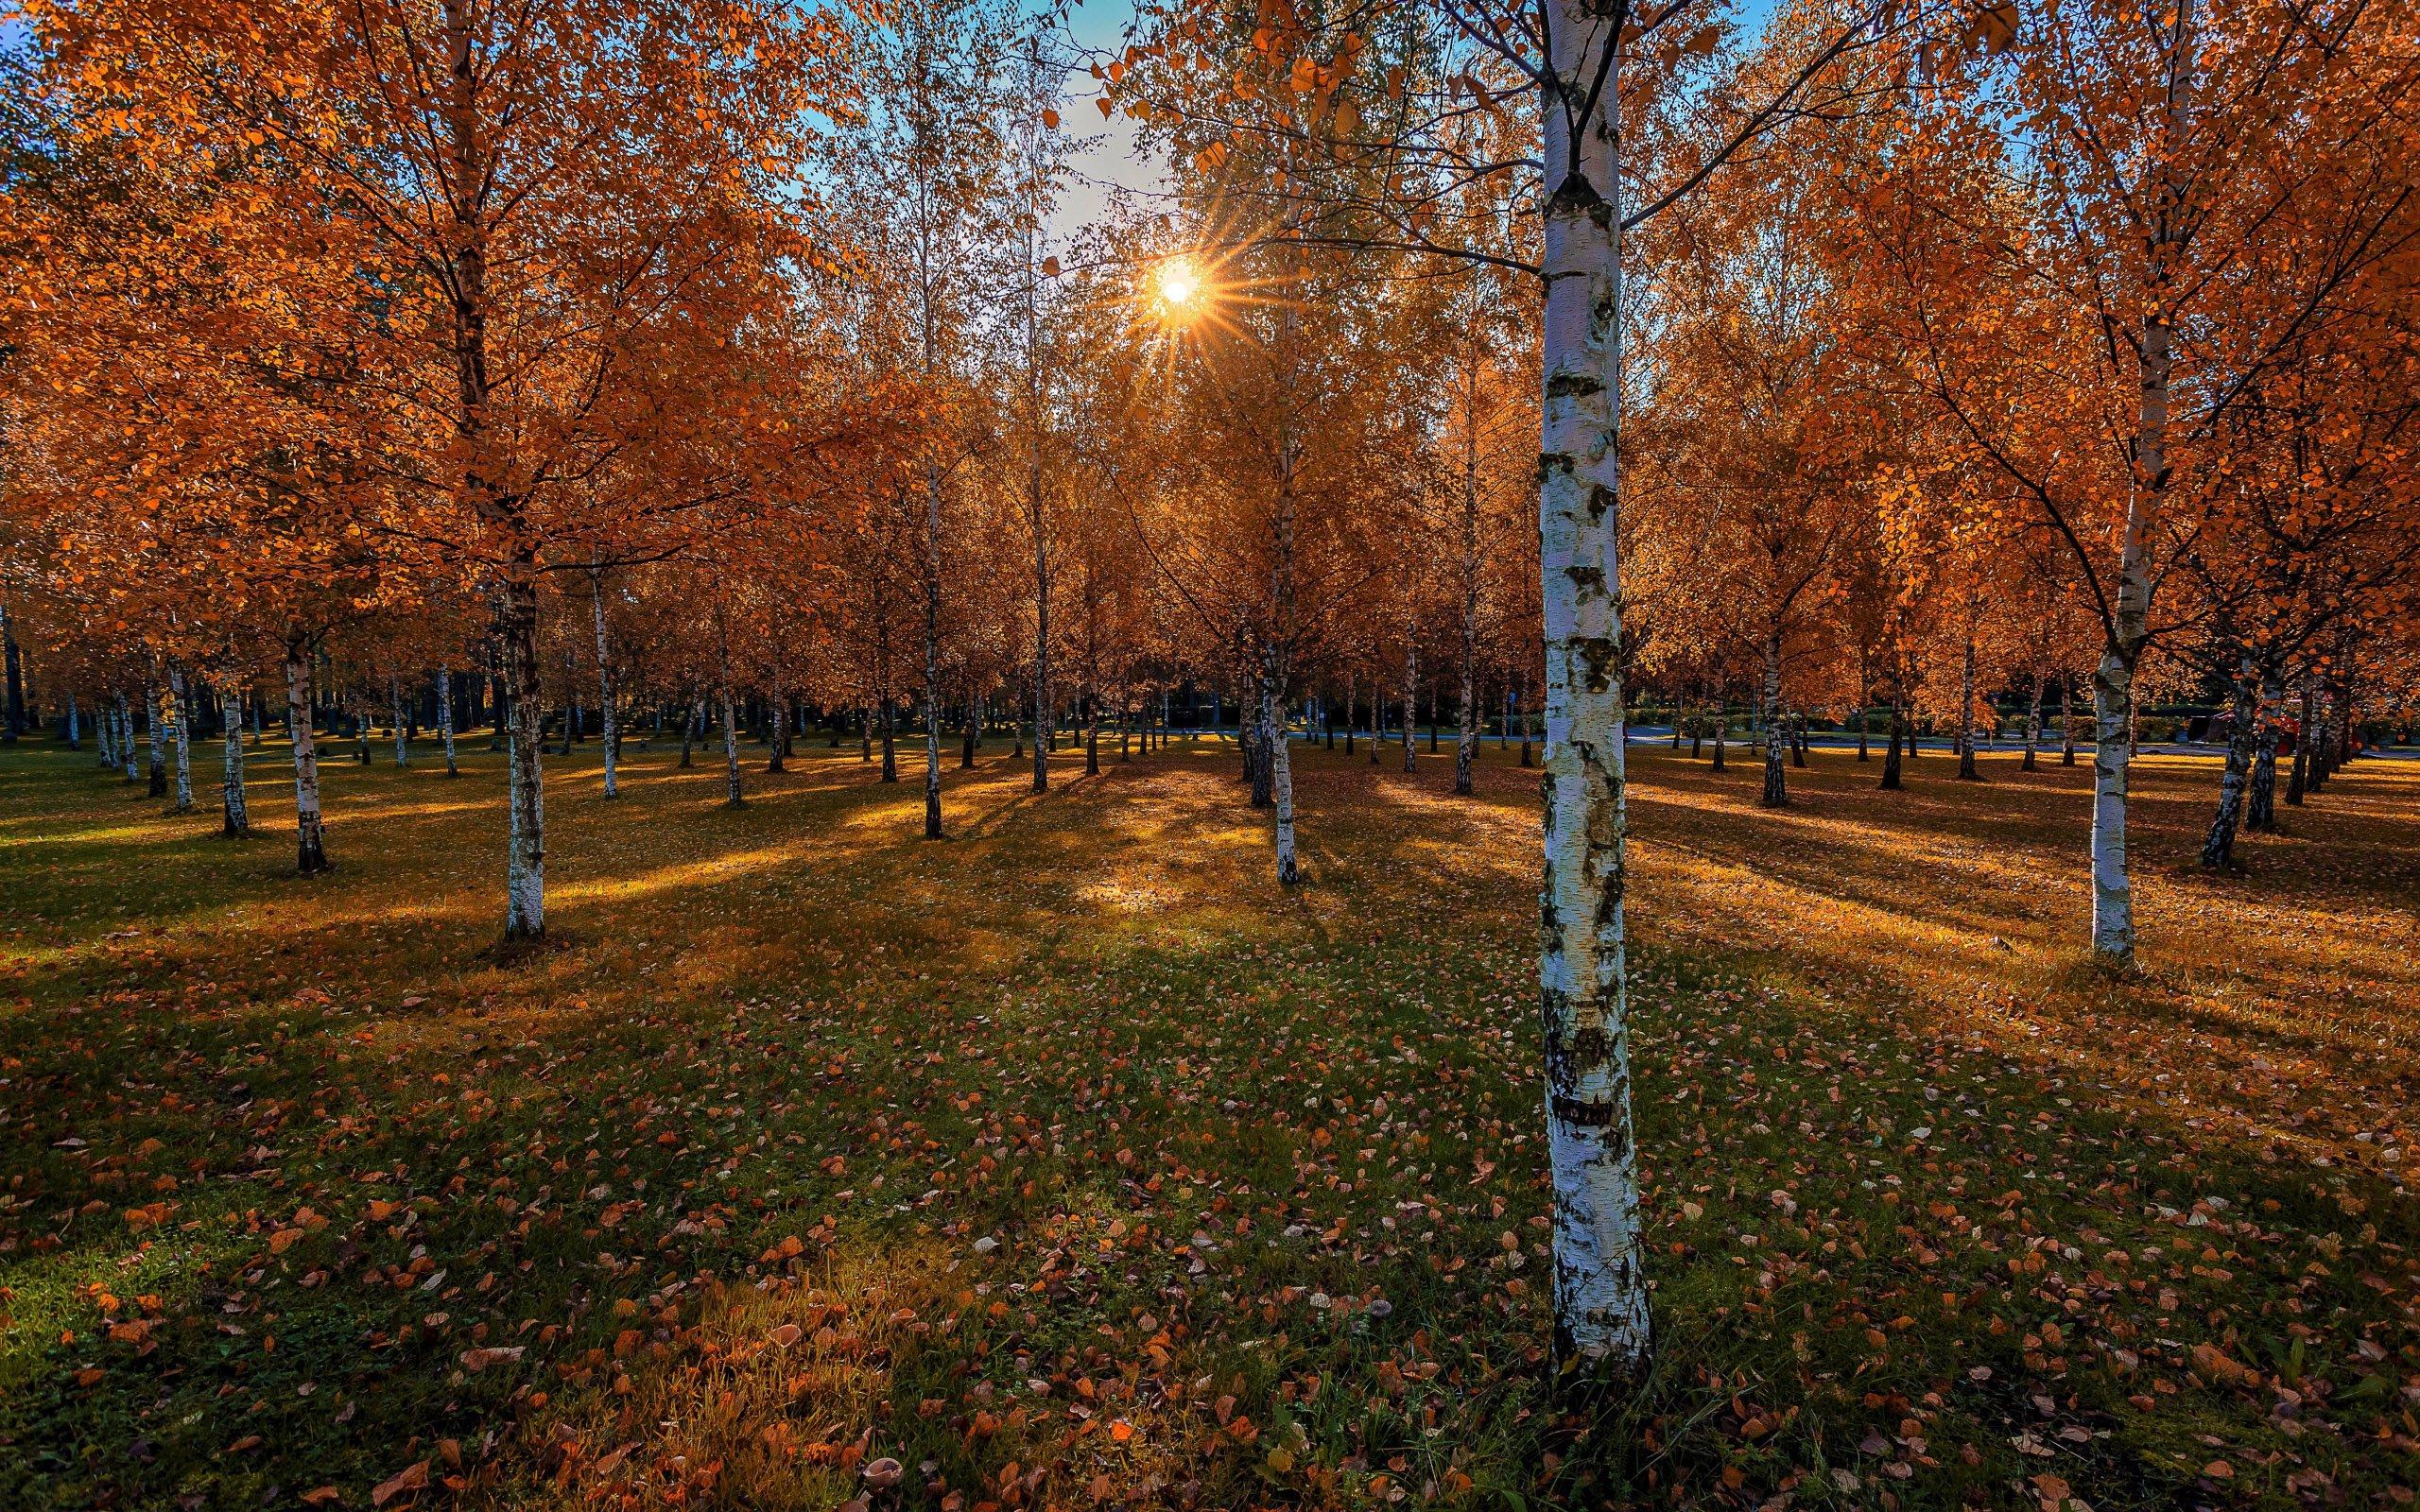 осень - Березовый парк осенью